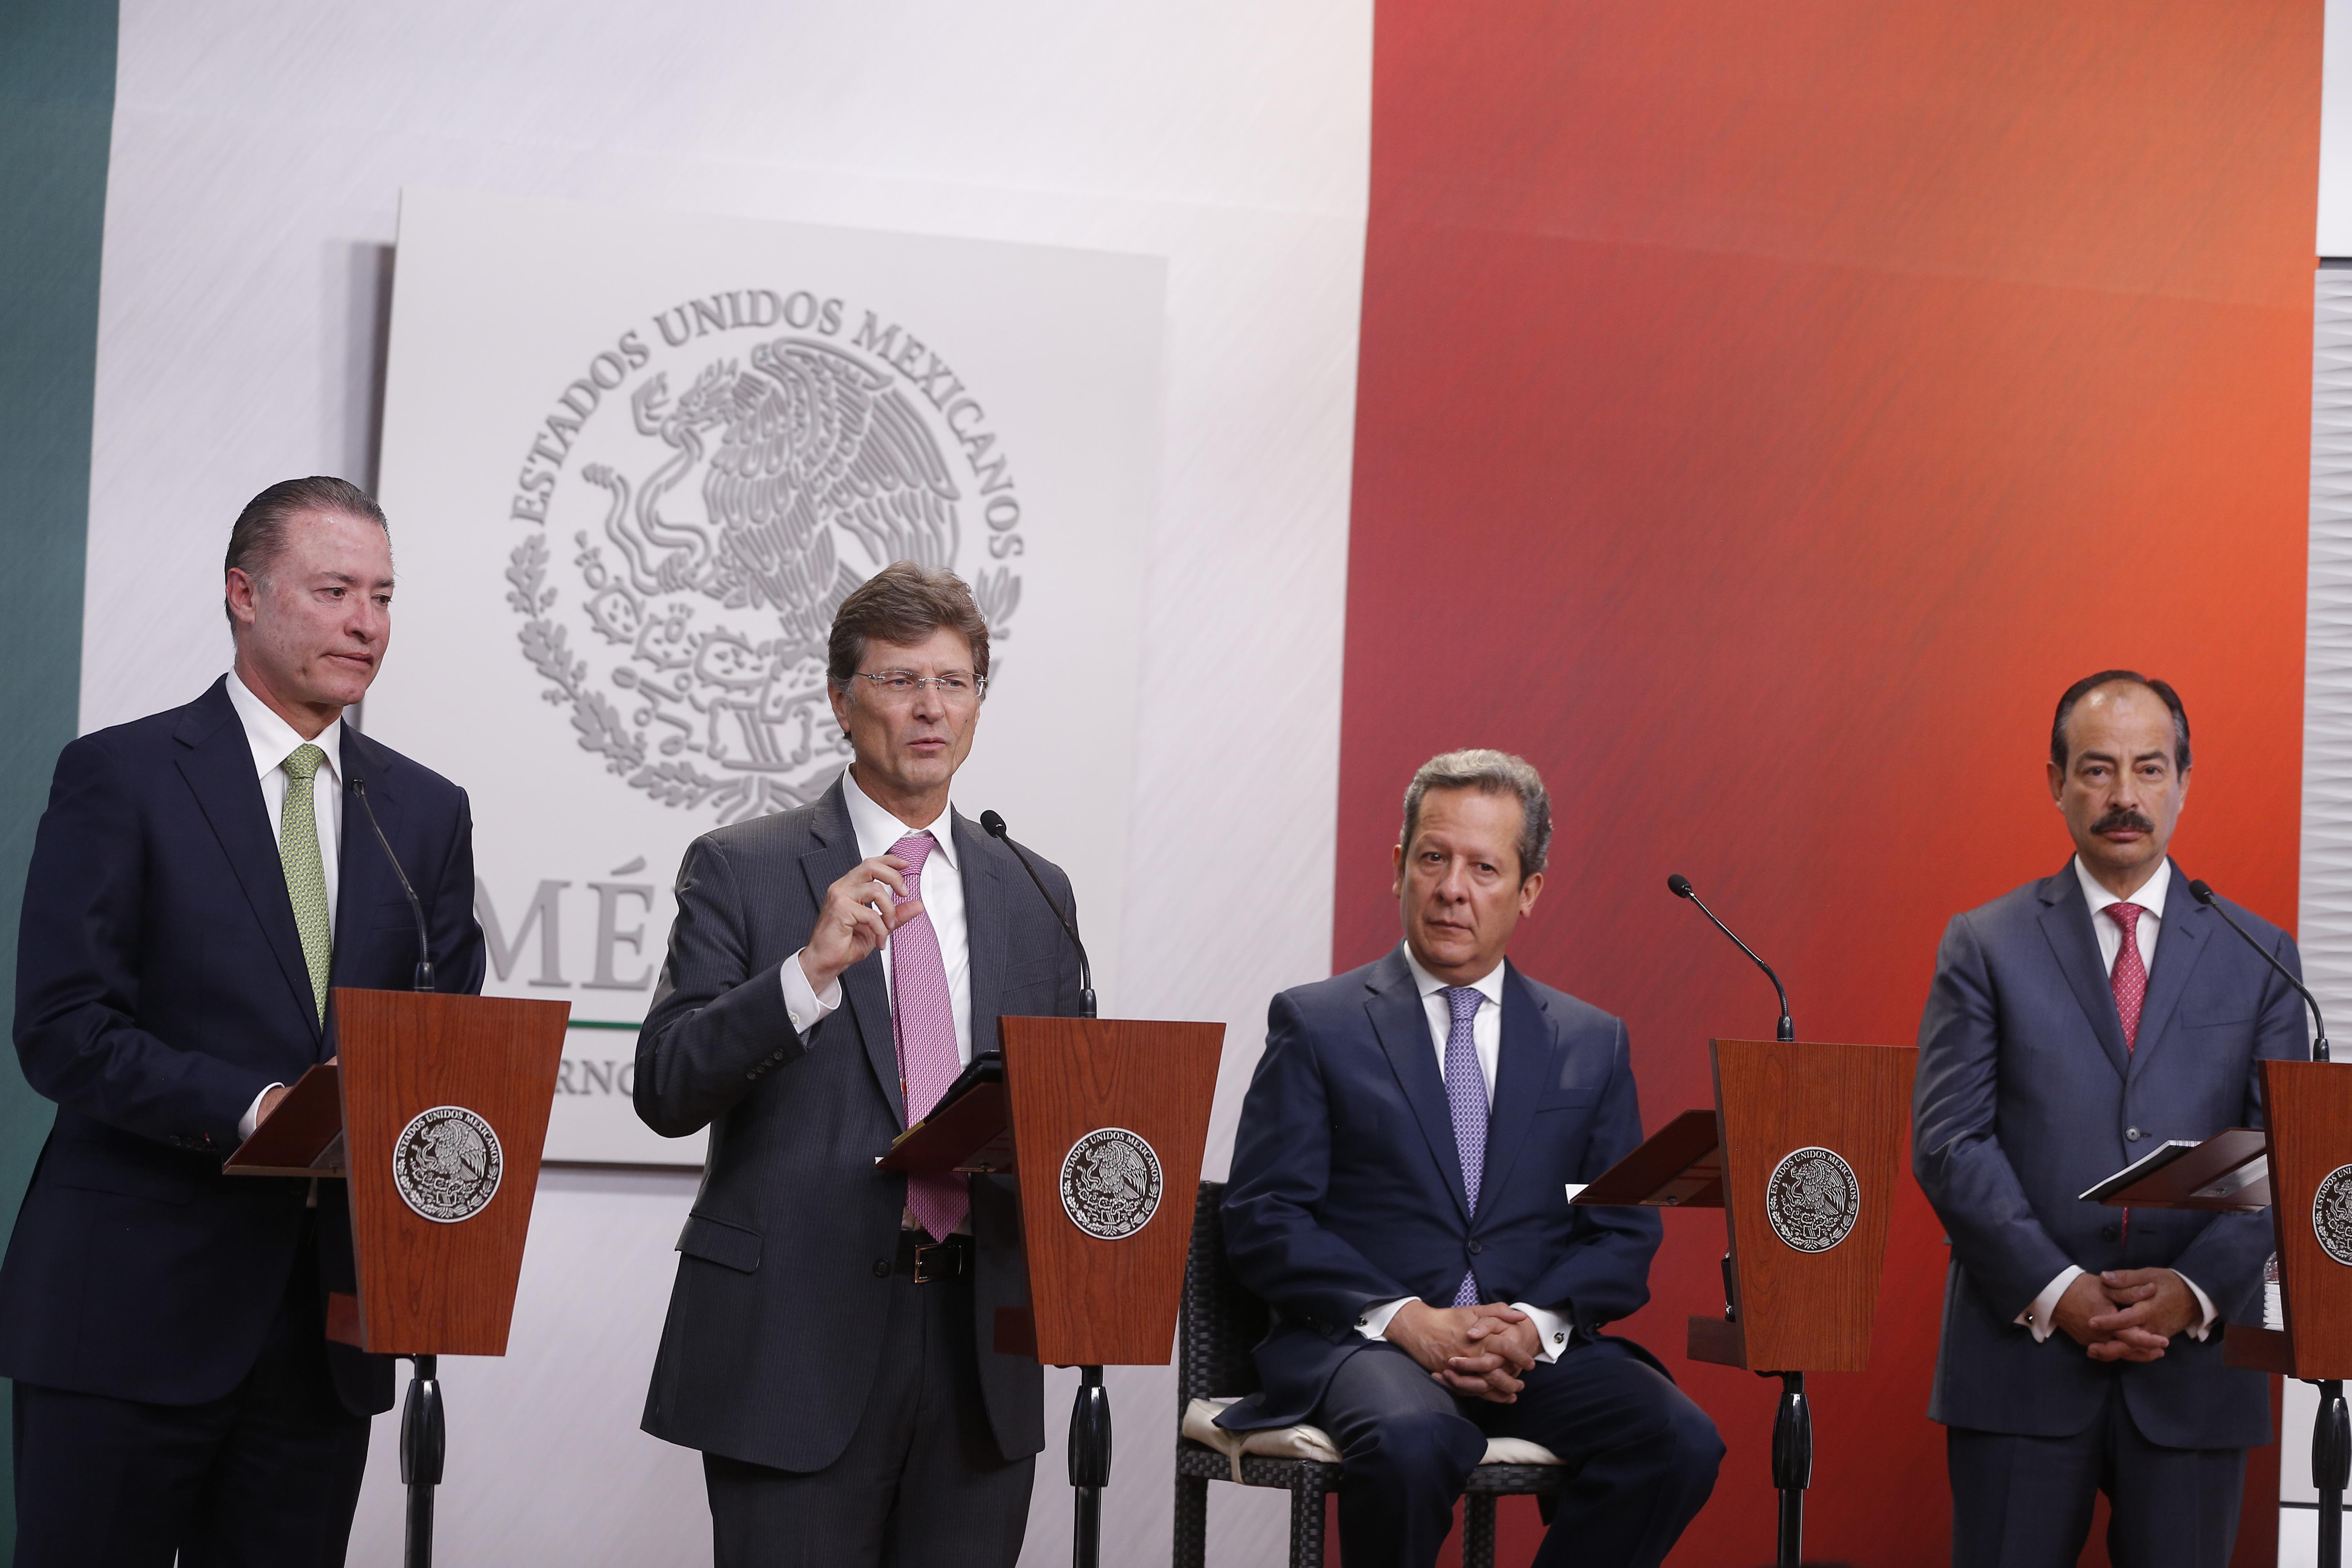 Éxito del Tianguis en Mazatlán refleja buen momento que vive el turismo en México: Enrique De La Madrid